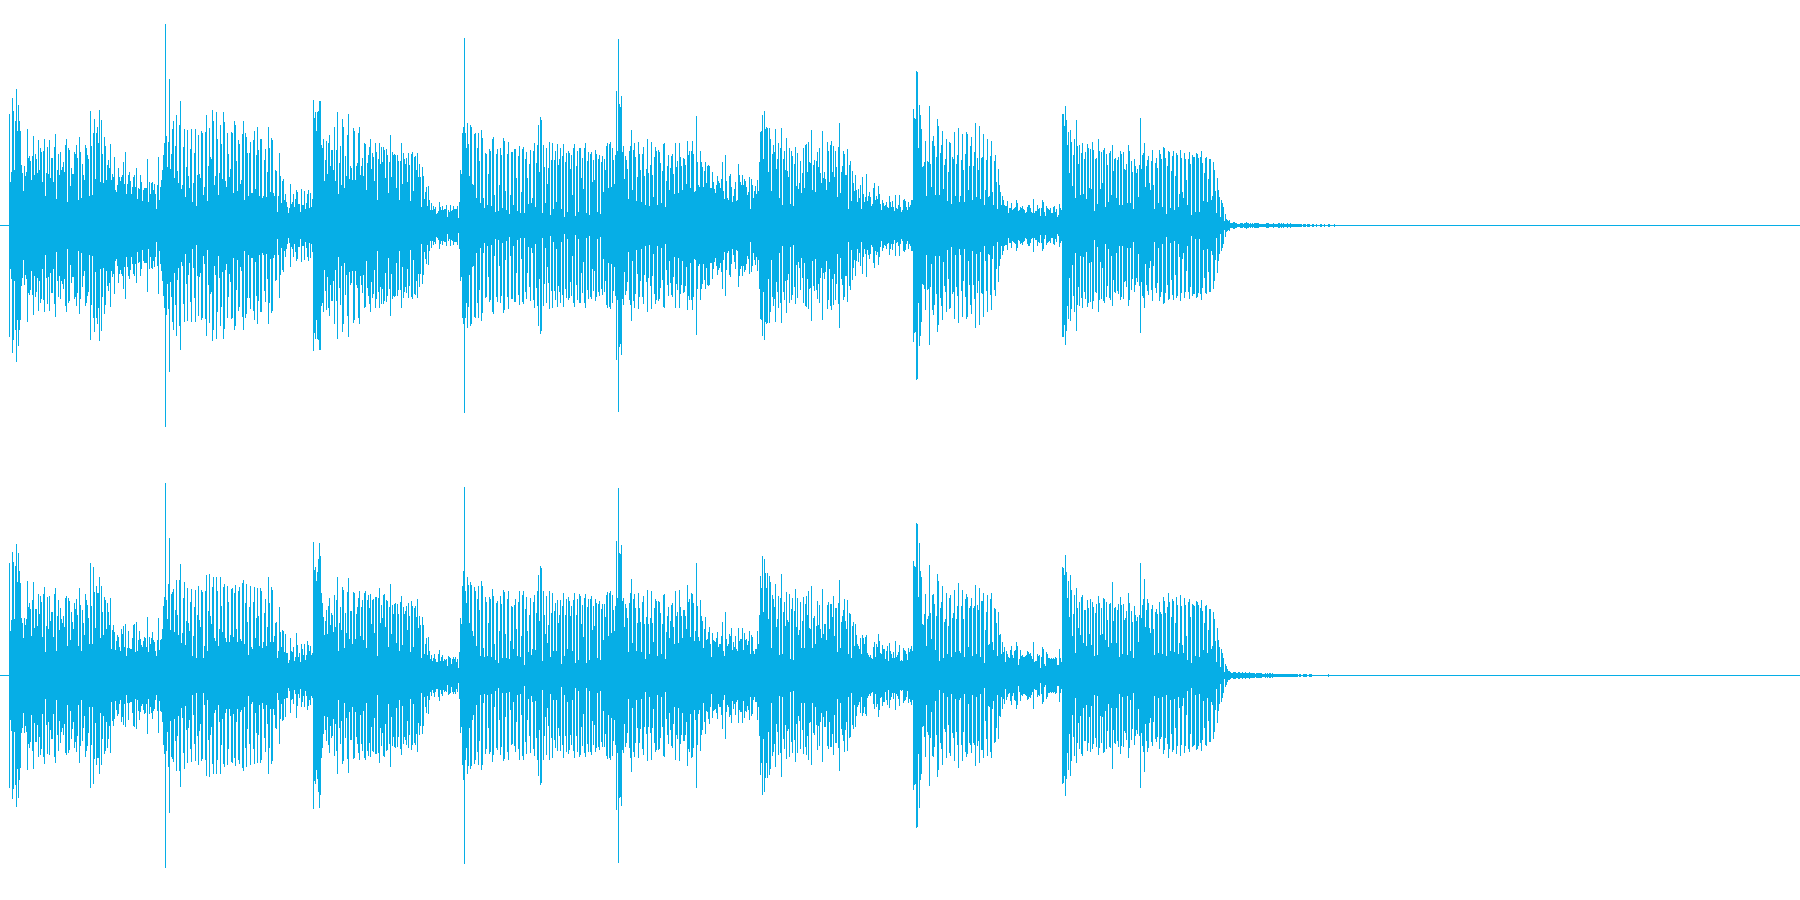 2小節ジングル04 ディスコ2の再生済みの波形